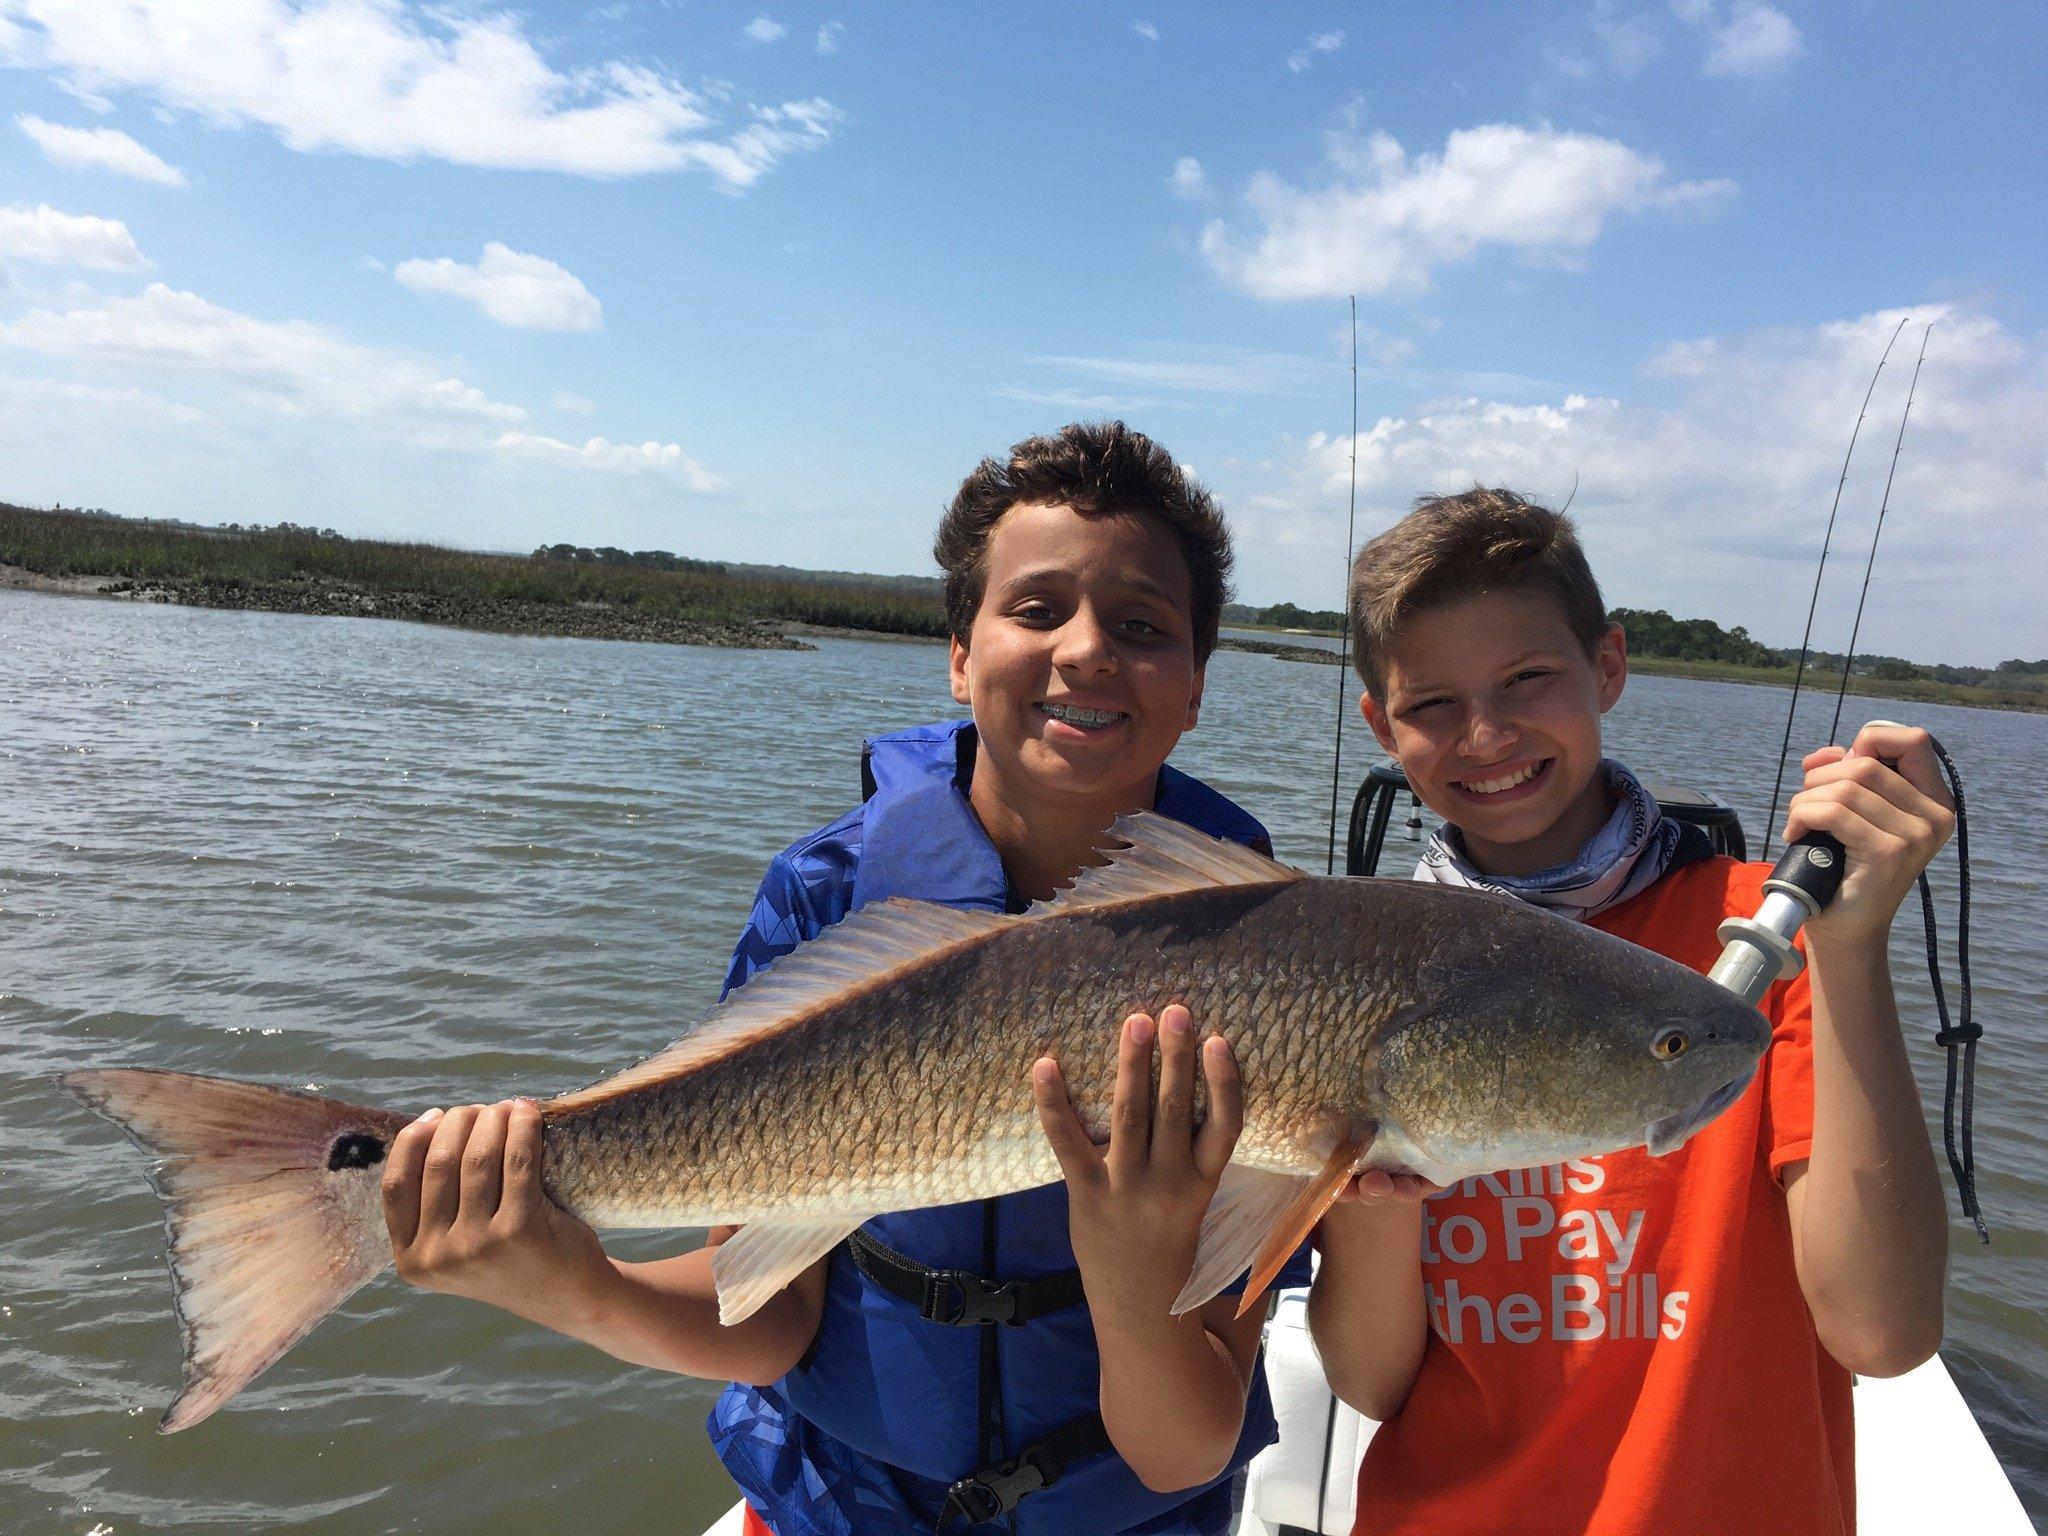 Jacksonville inshore fishing report for the week of 3 28 for Fishing report jacksonville fl